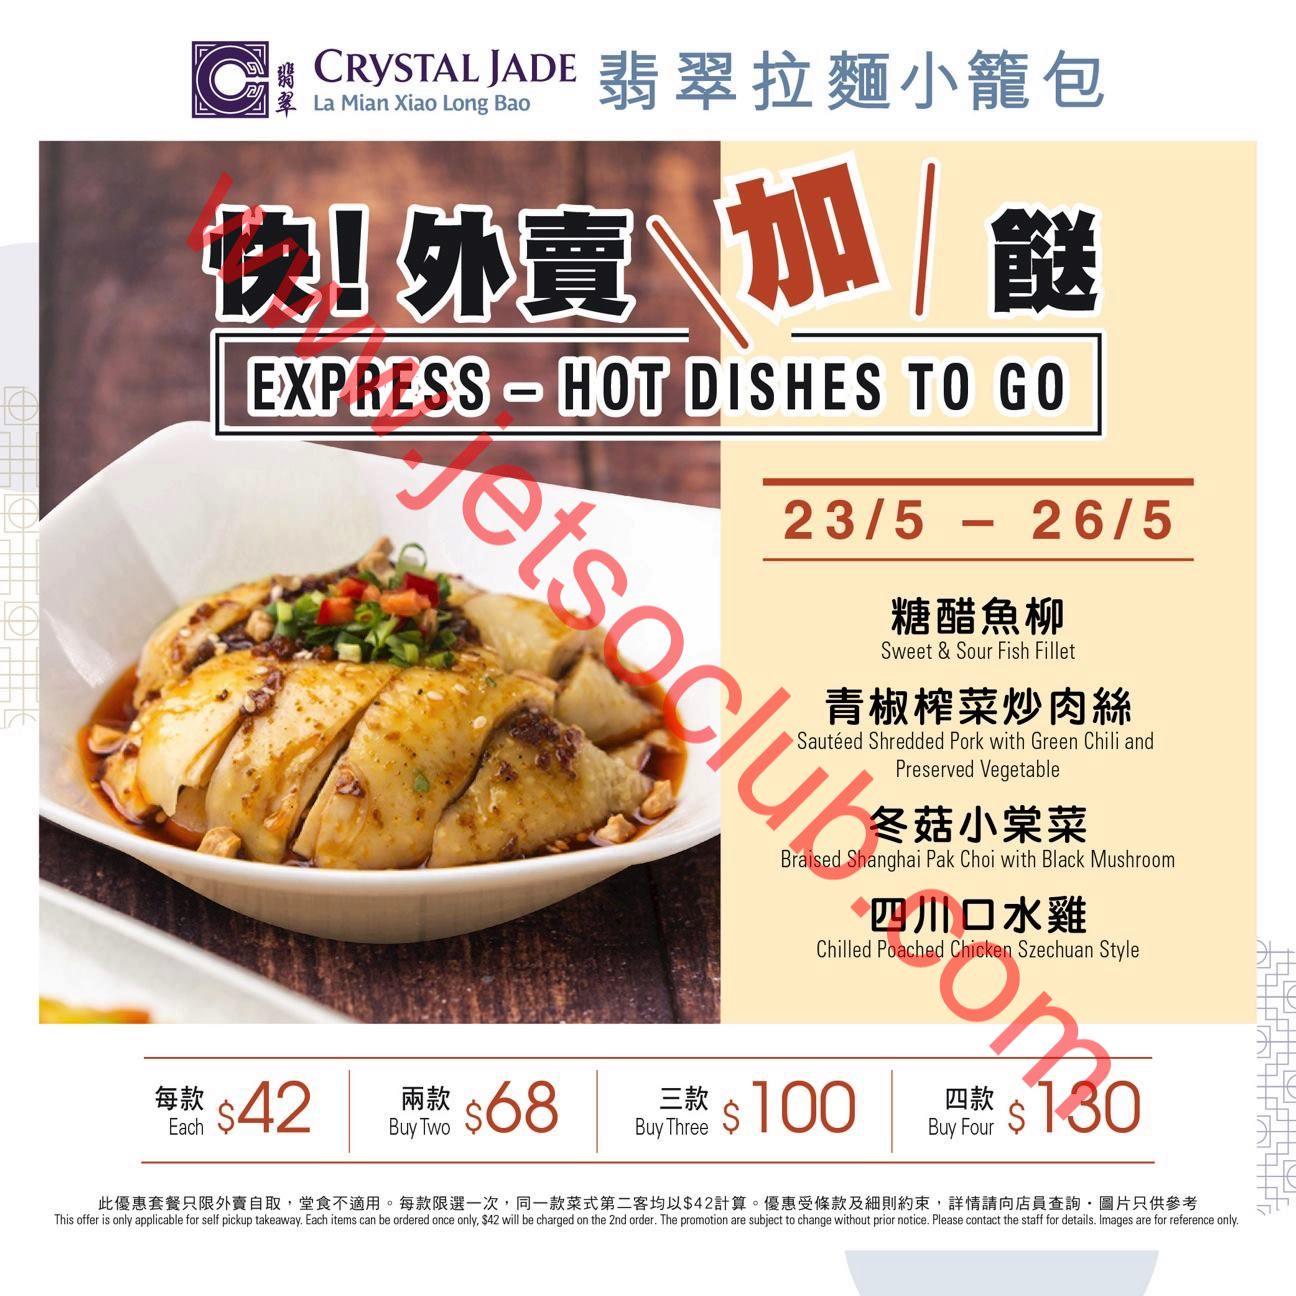 翡翠拉麵小籠包:外賣加餸 最新菜單 / 三款$100 四款$130(至26/5) ( Jetso Club 著數俱樂部 )